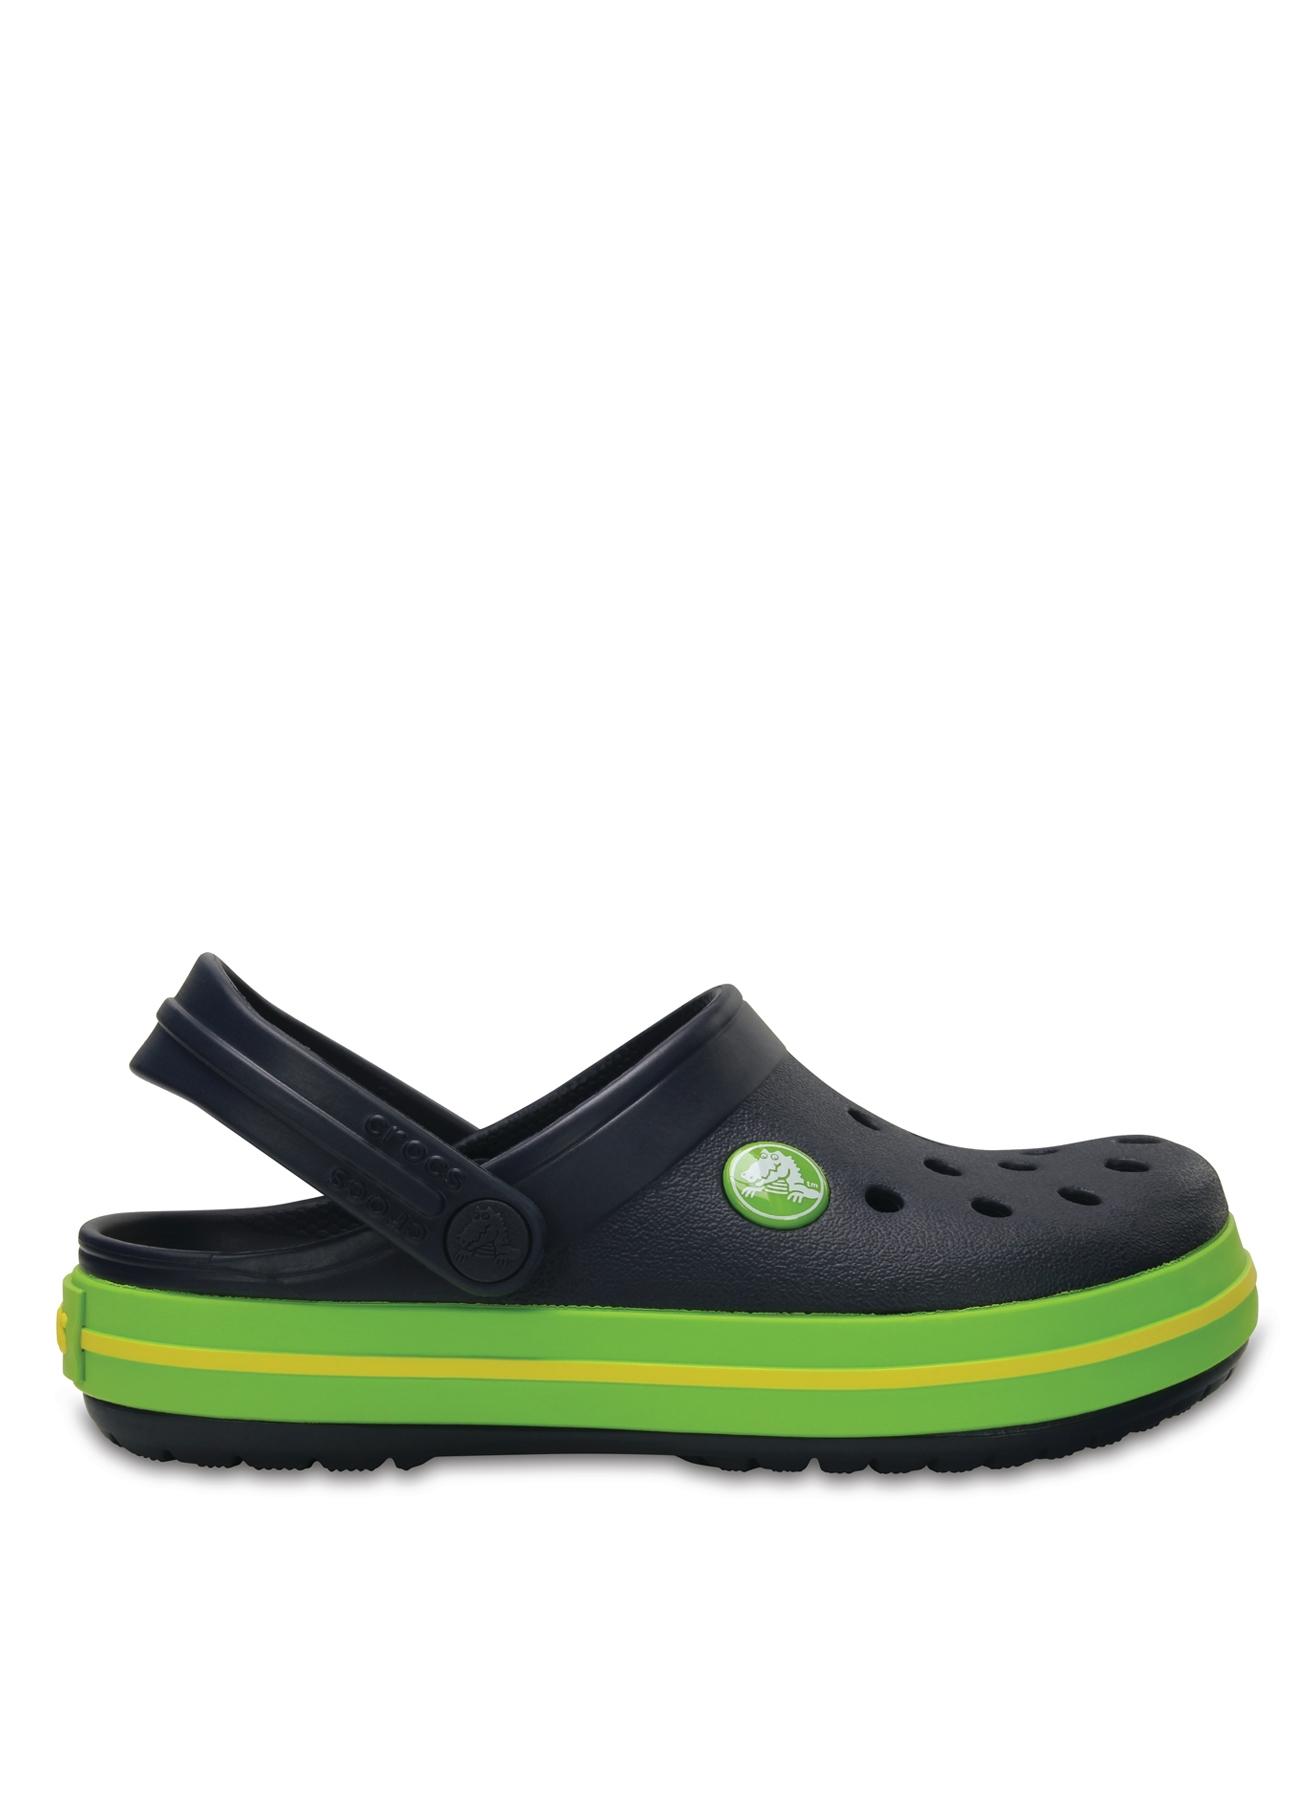 Crocs Çocuk Plaj Terliği 23 5000224678004 Ürün Resmi